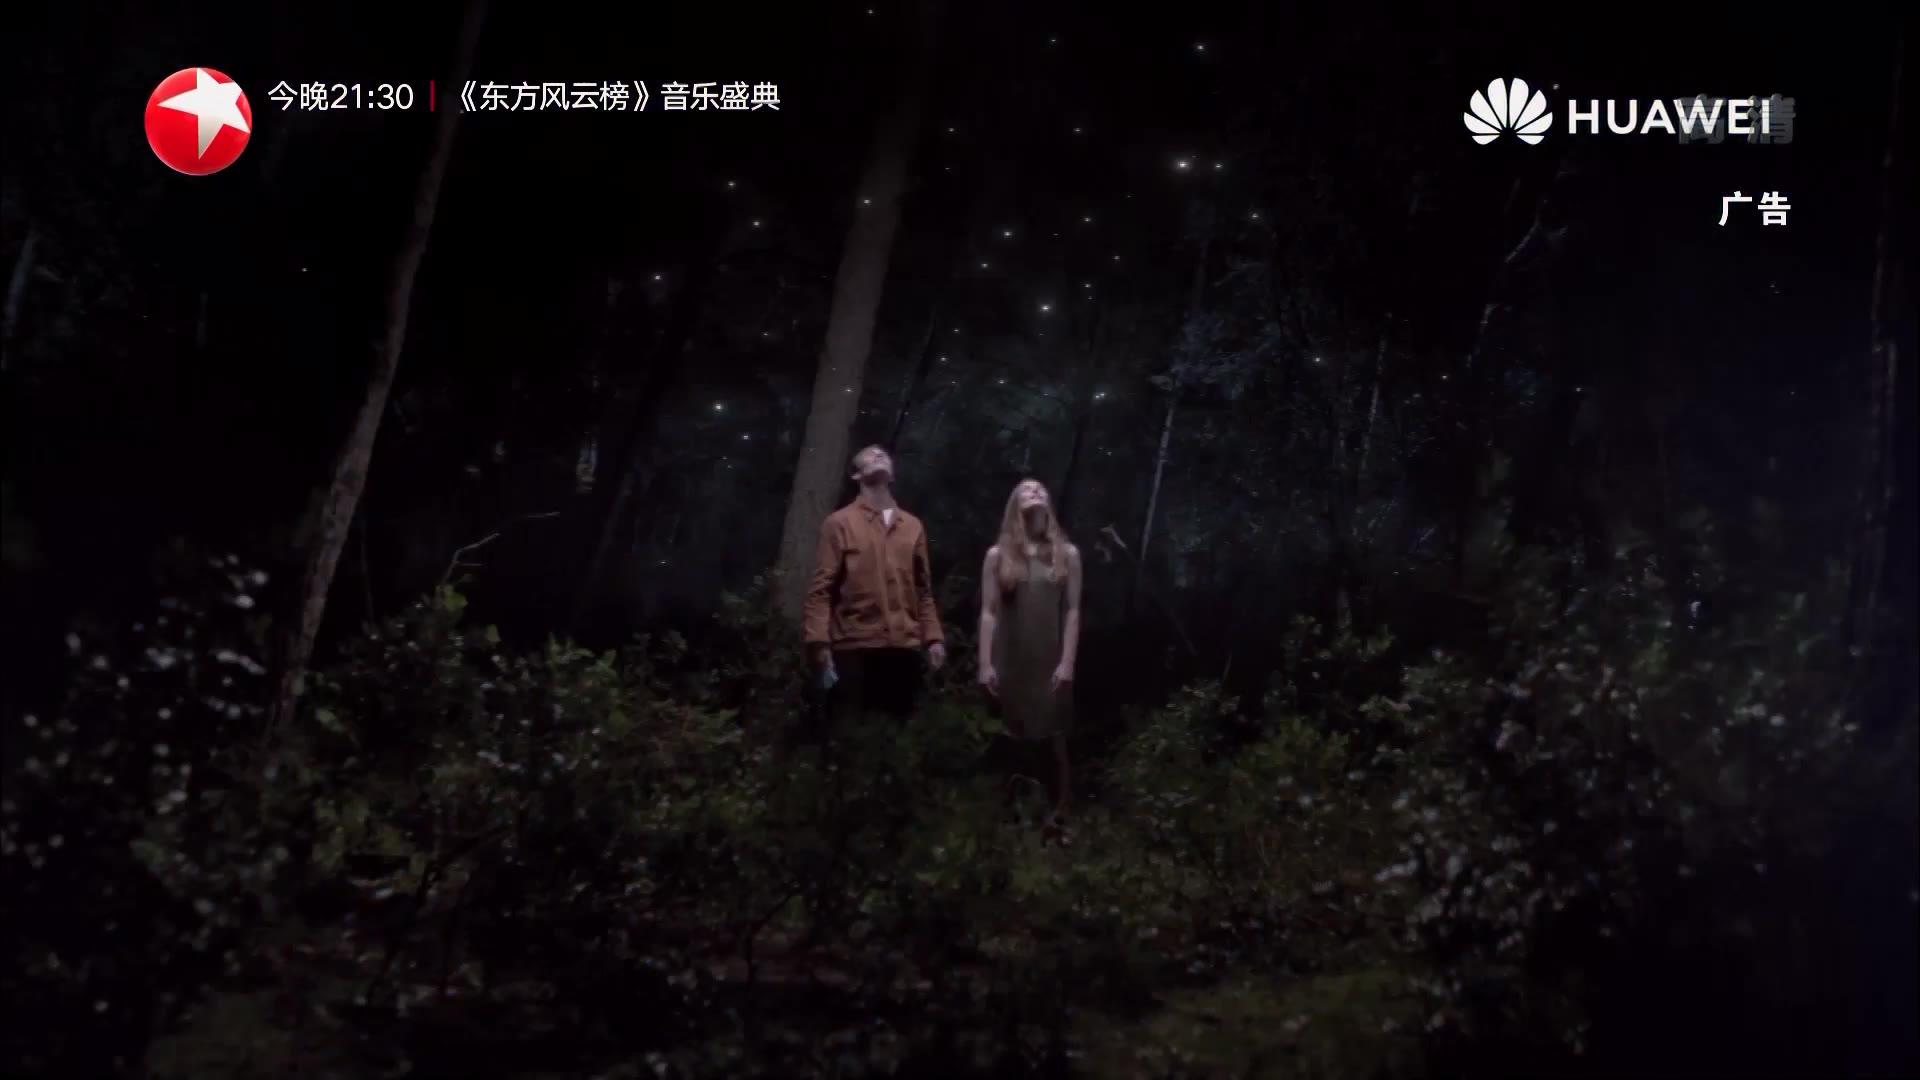 央视广告欣赏-华为 P30系列